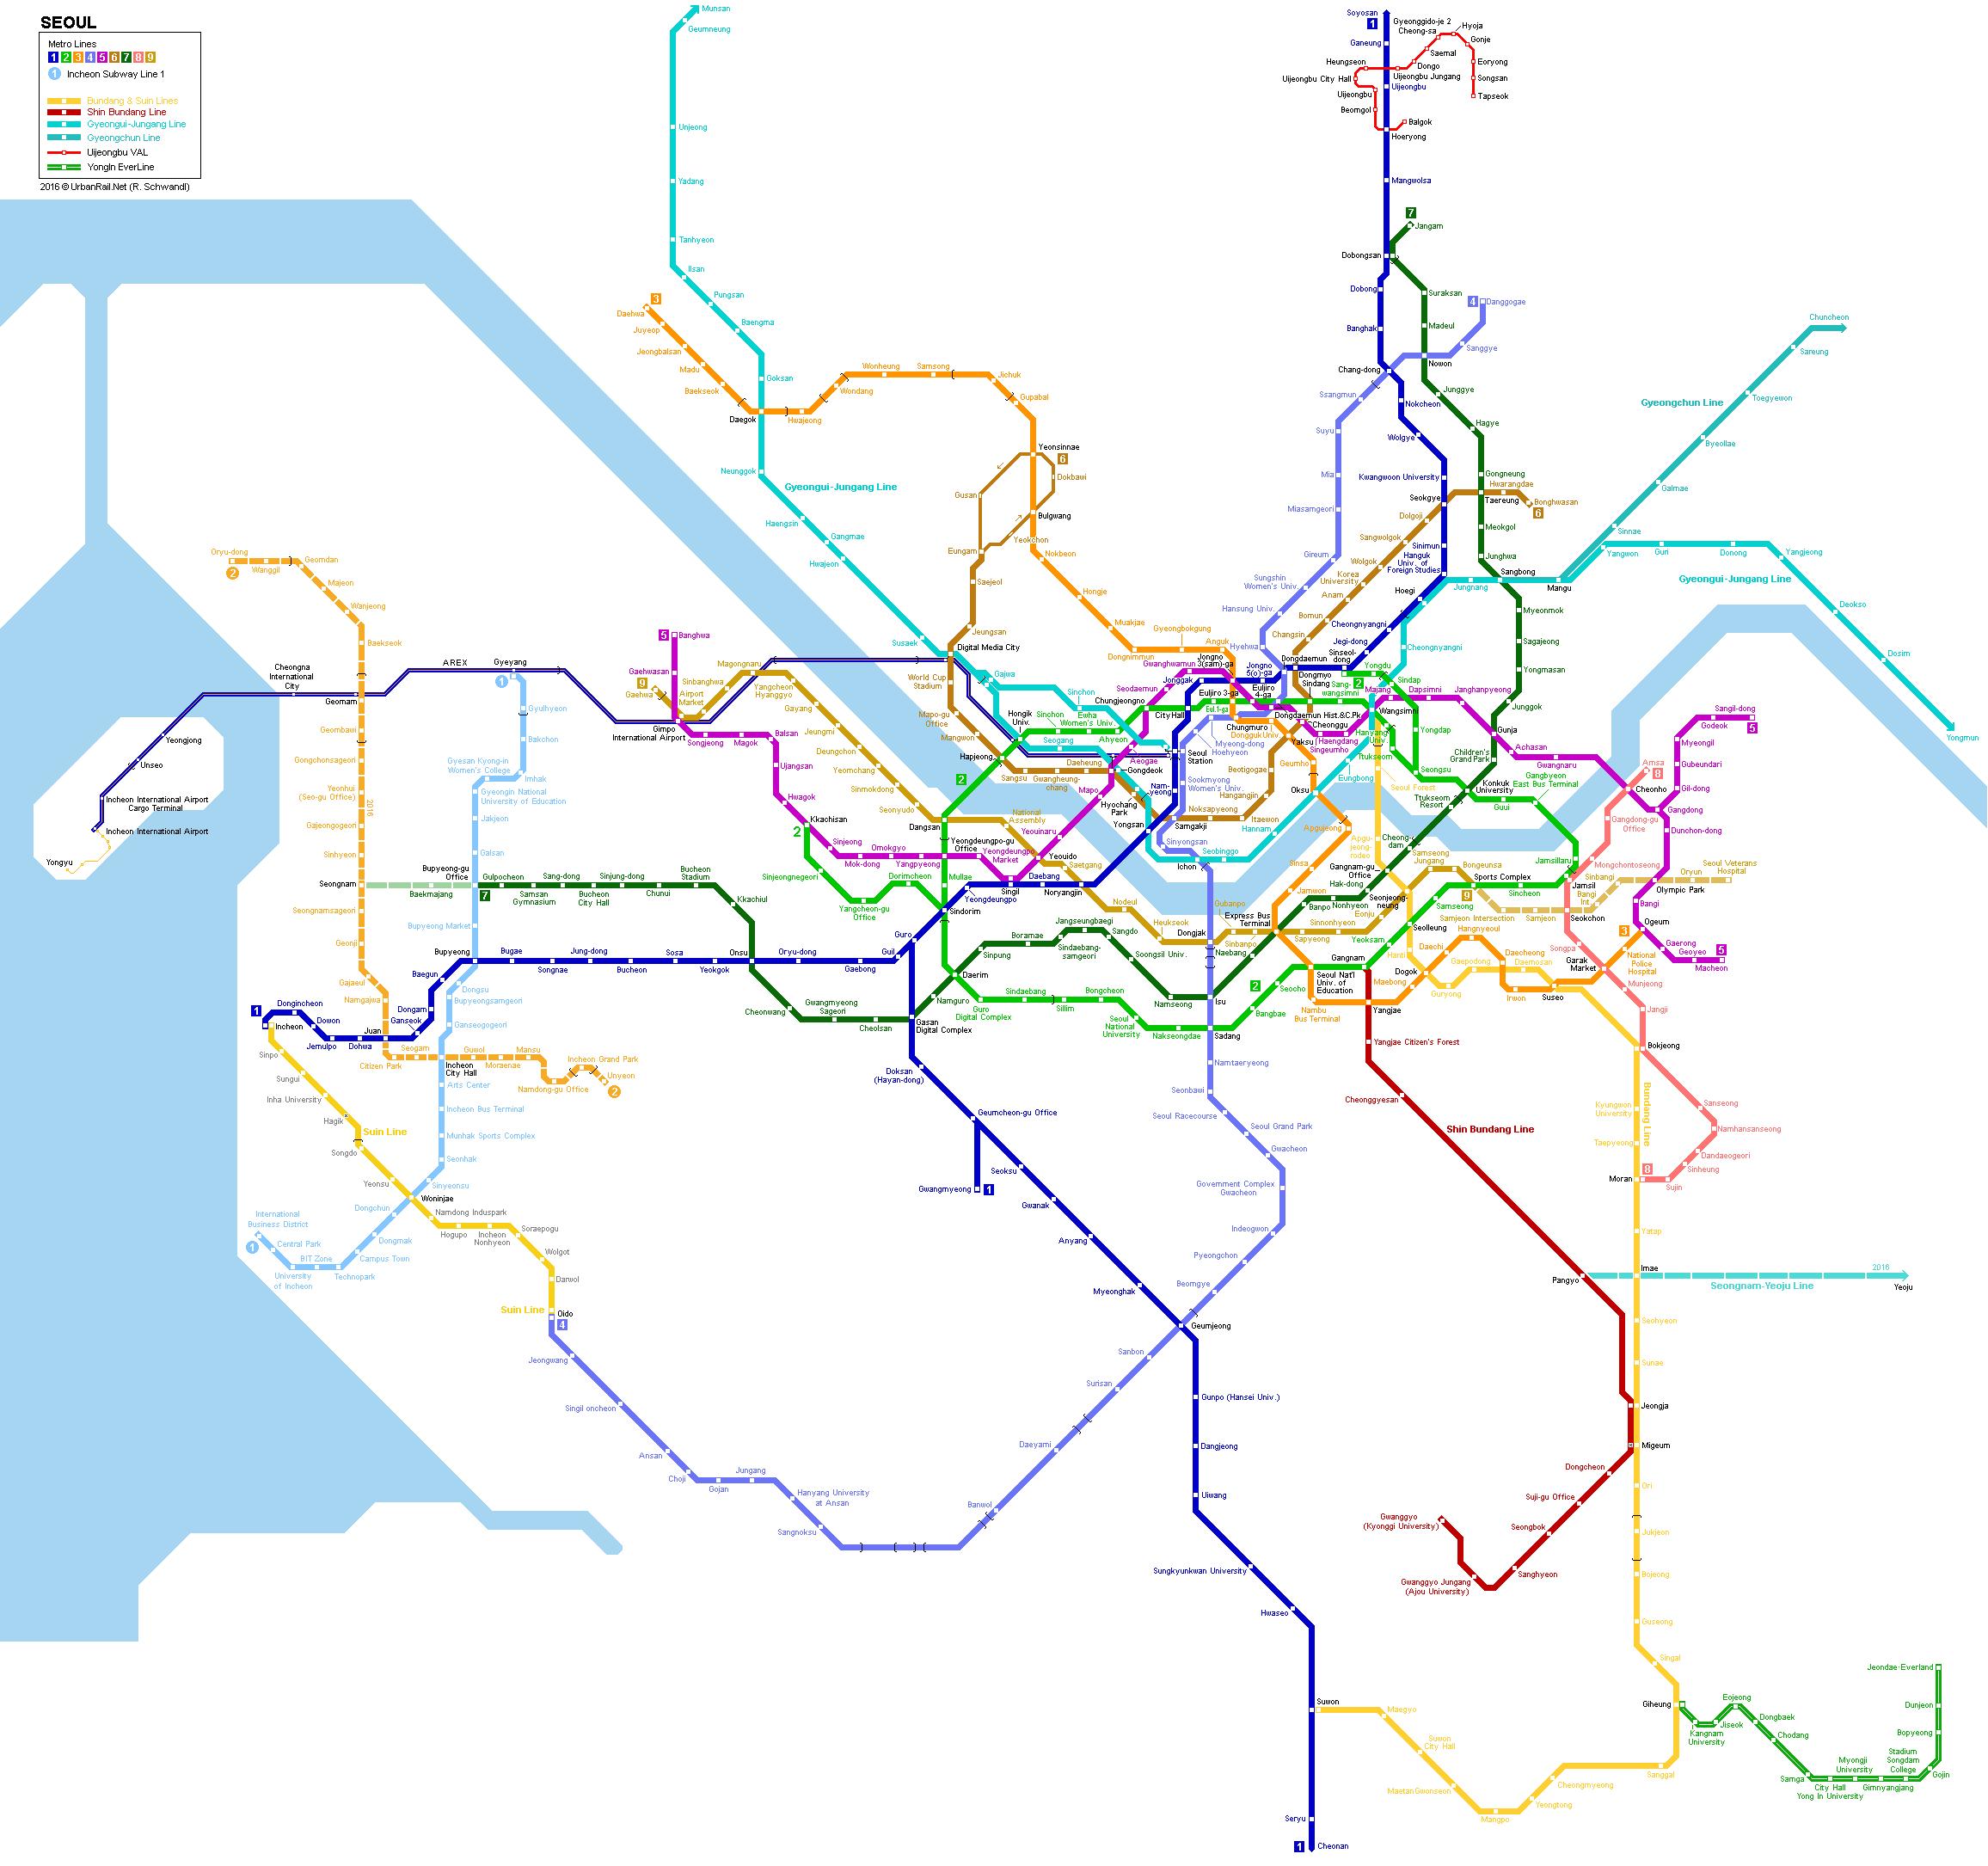 Seoul Subway Map 2000 © UrbanRail.Net